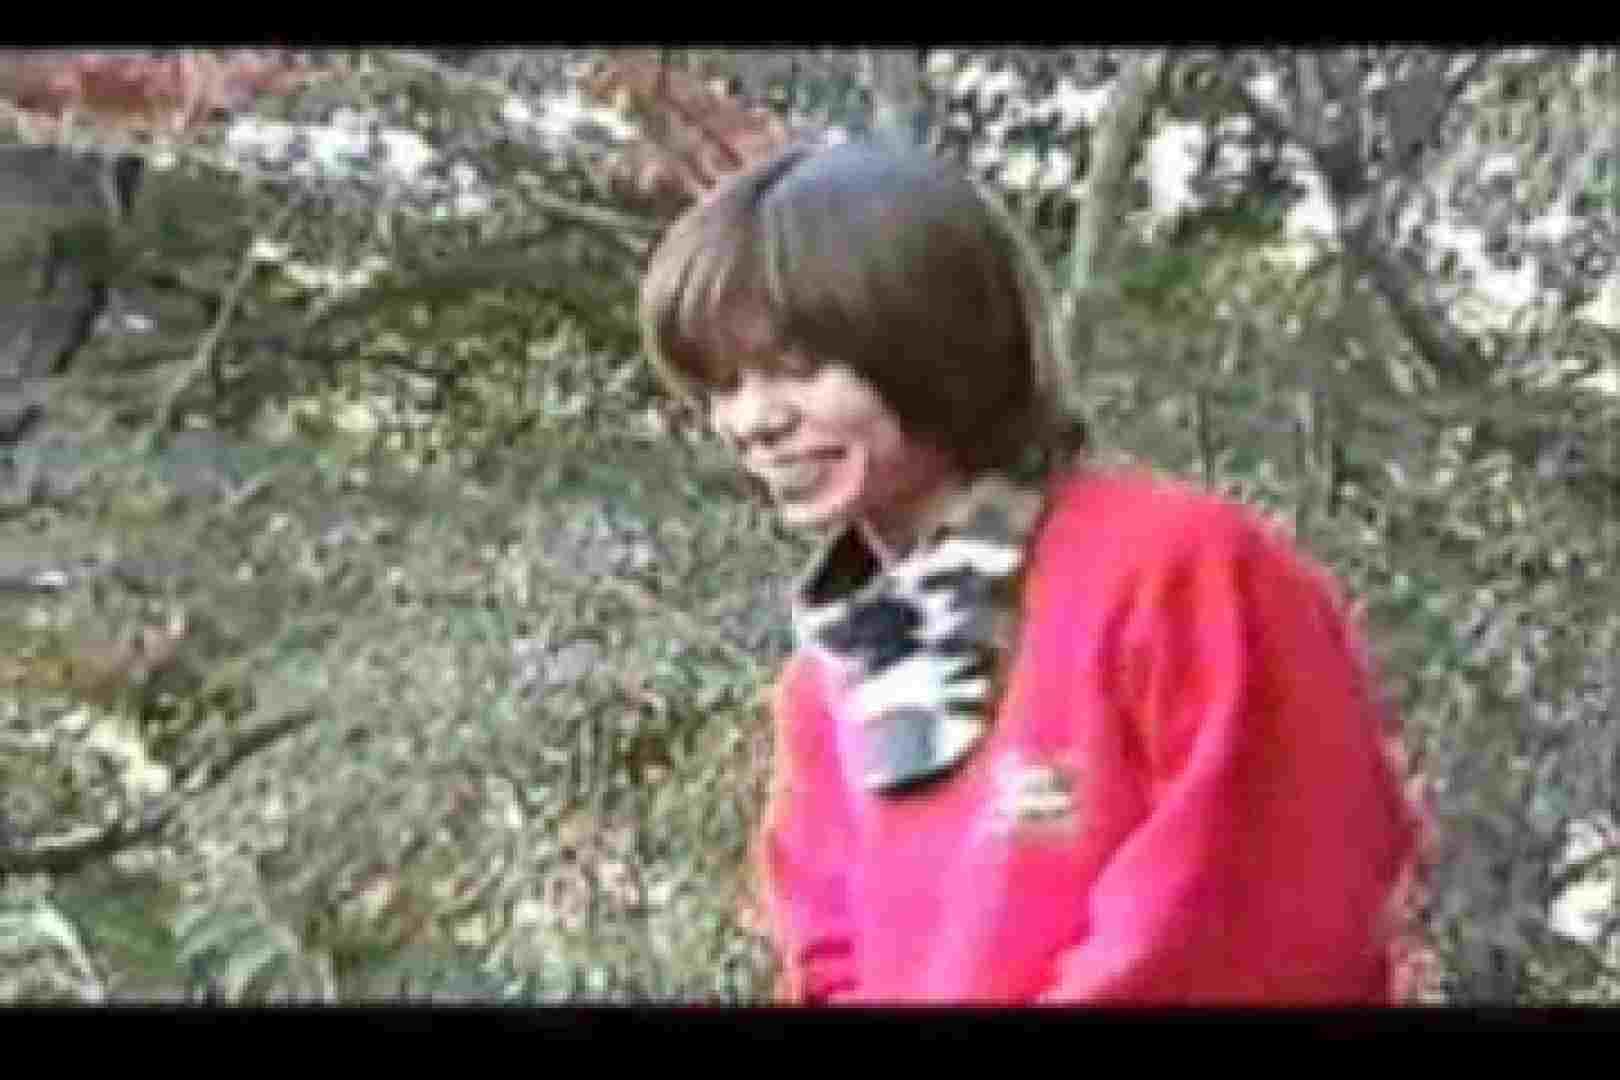 オールドゲイシリーズ  美少年ひかるのオープンファック イケメン  106pic 39